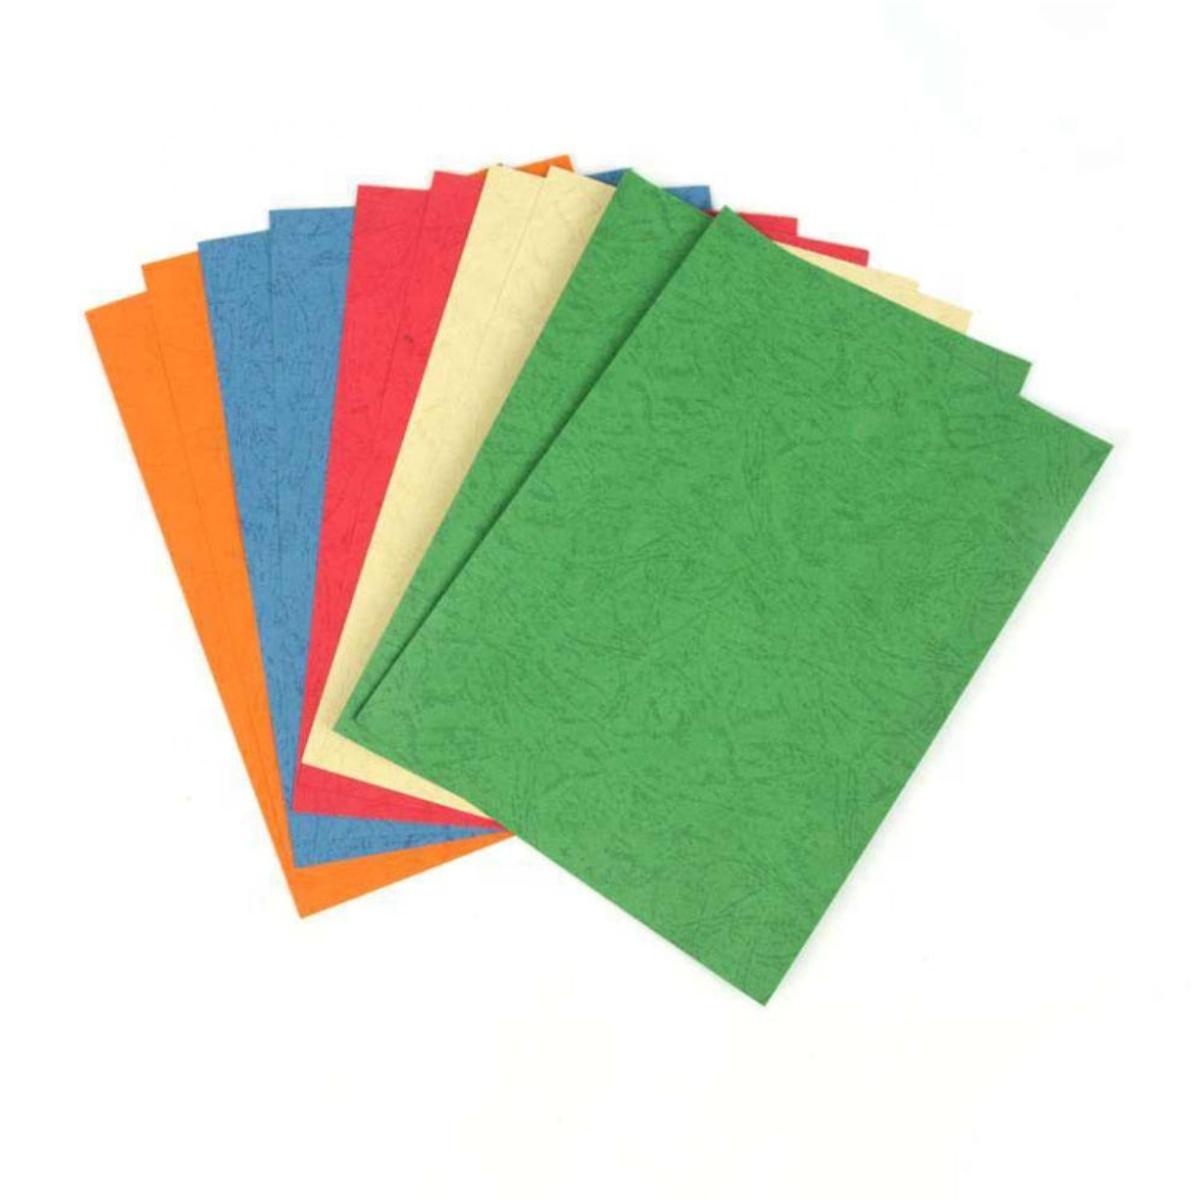 חבילת 100 דפים לכריכה דמוי עור כחול כהה